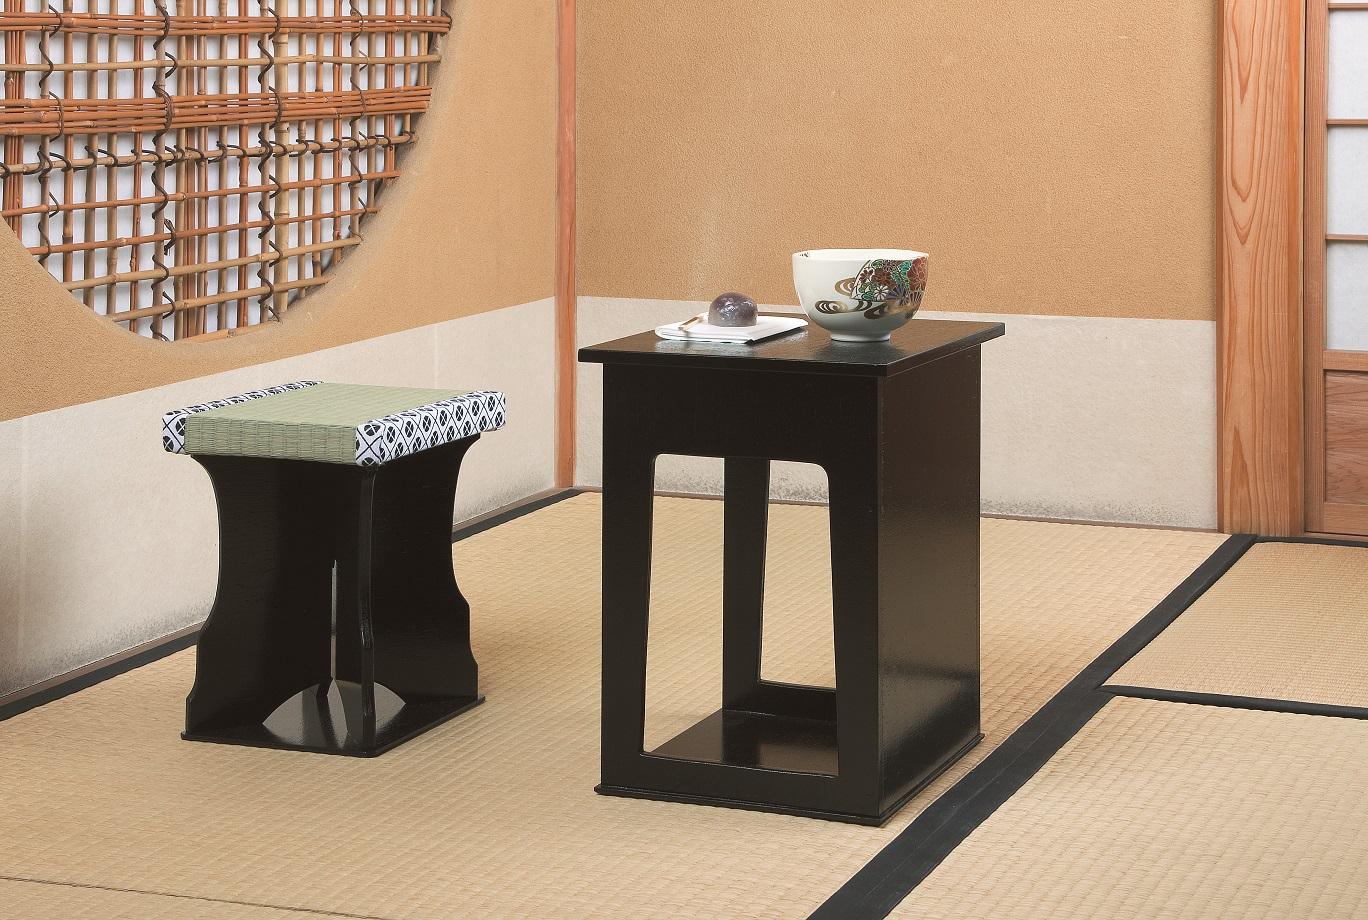 【茶道具】近藤さんのちょっと椅子黒掻合塗紙箱